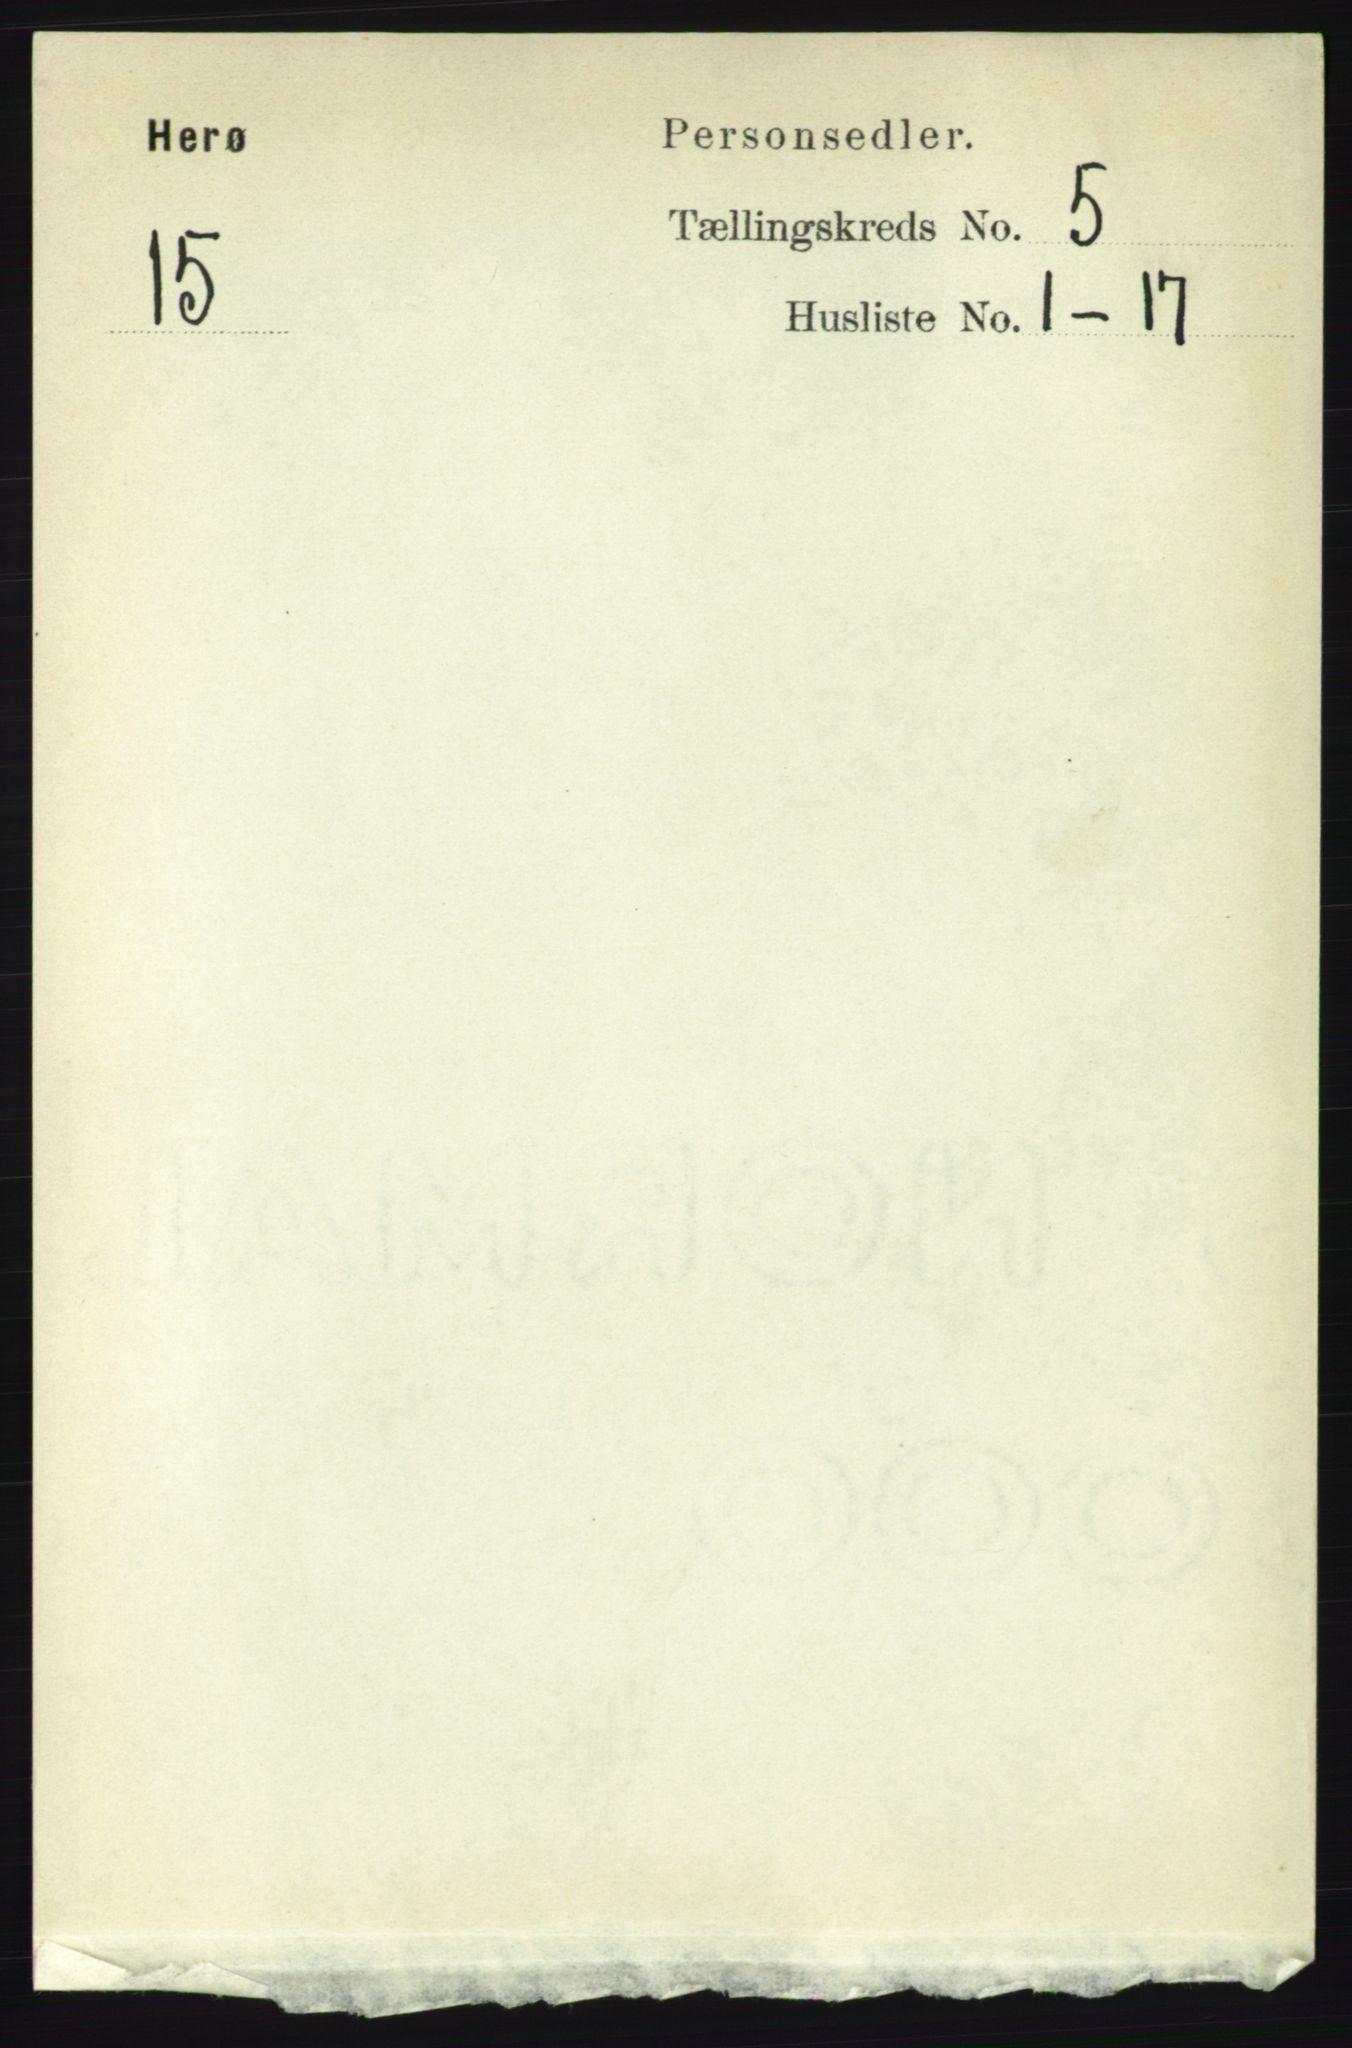 RA, Folketelling 1891 for 1818 Herøy herred, 1891, s. 1399